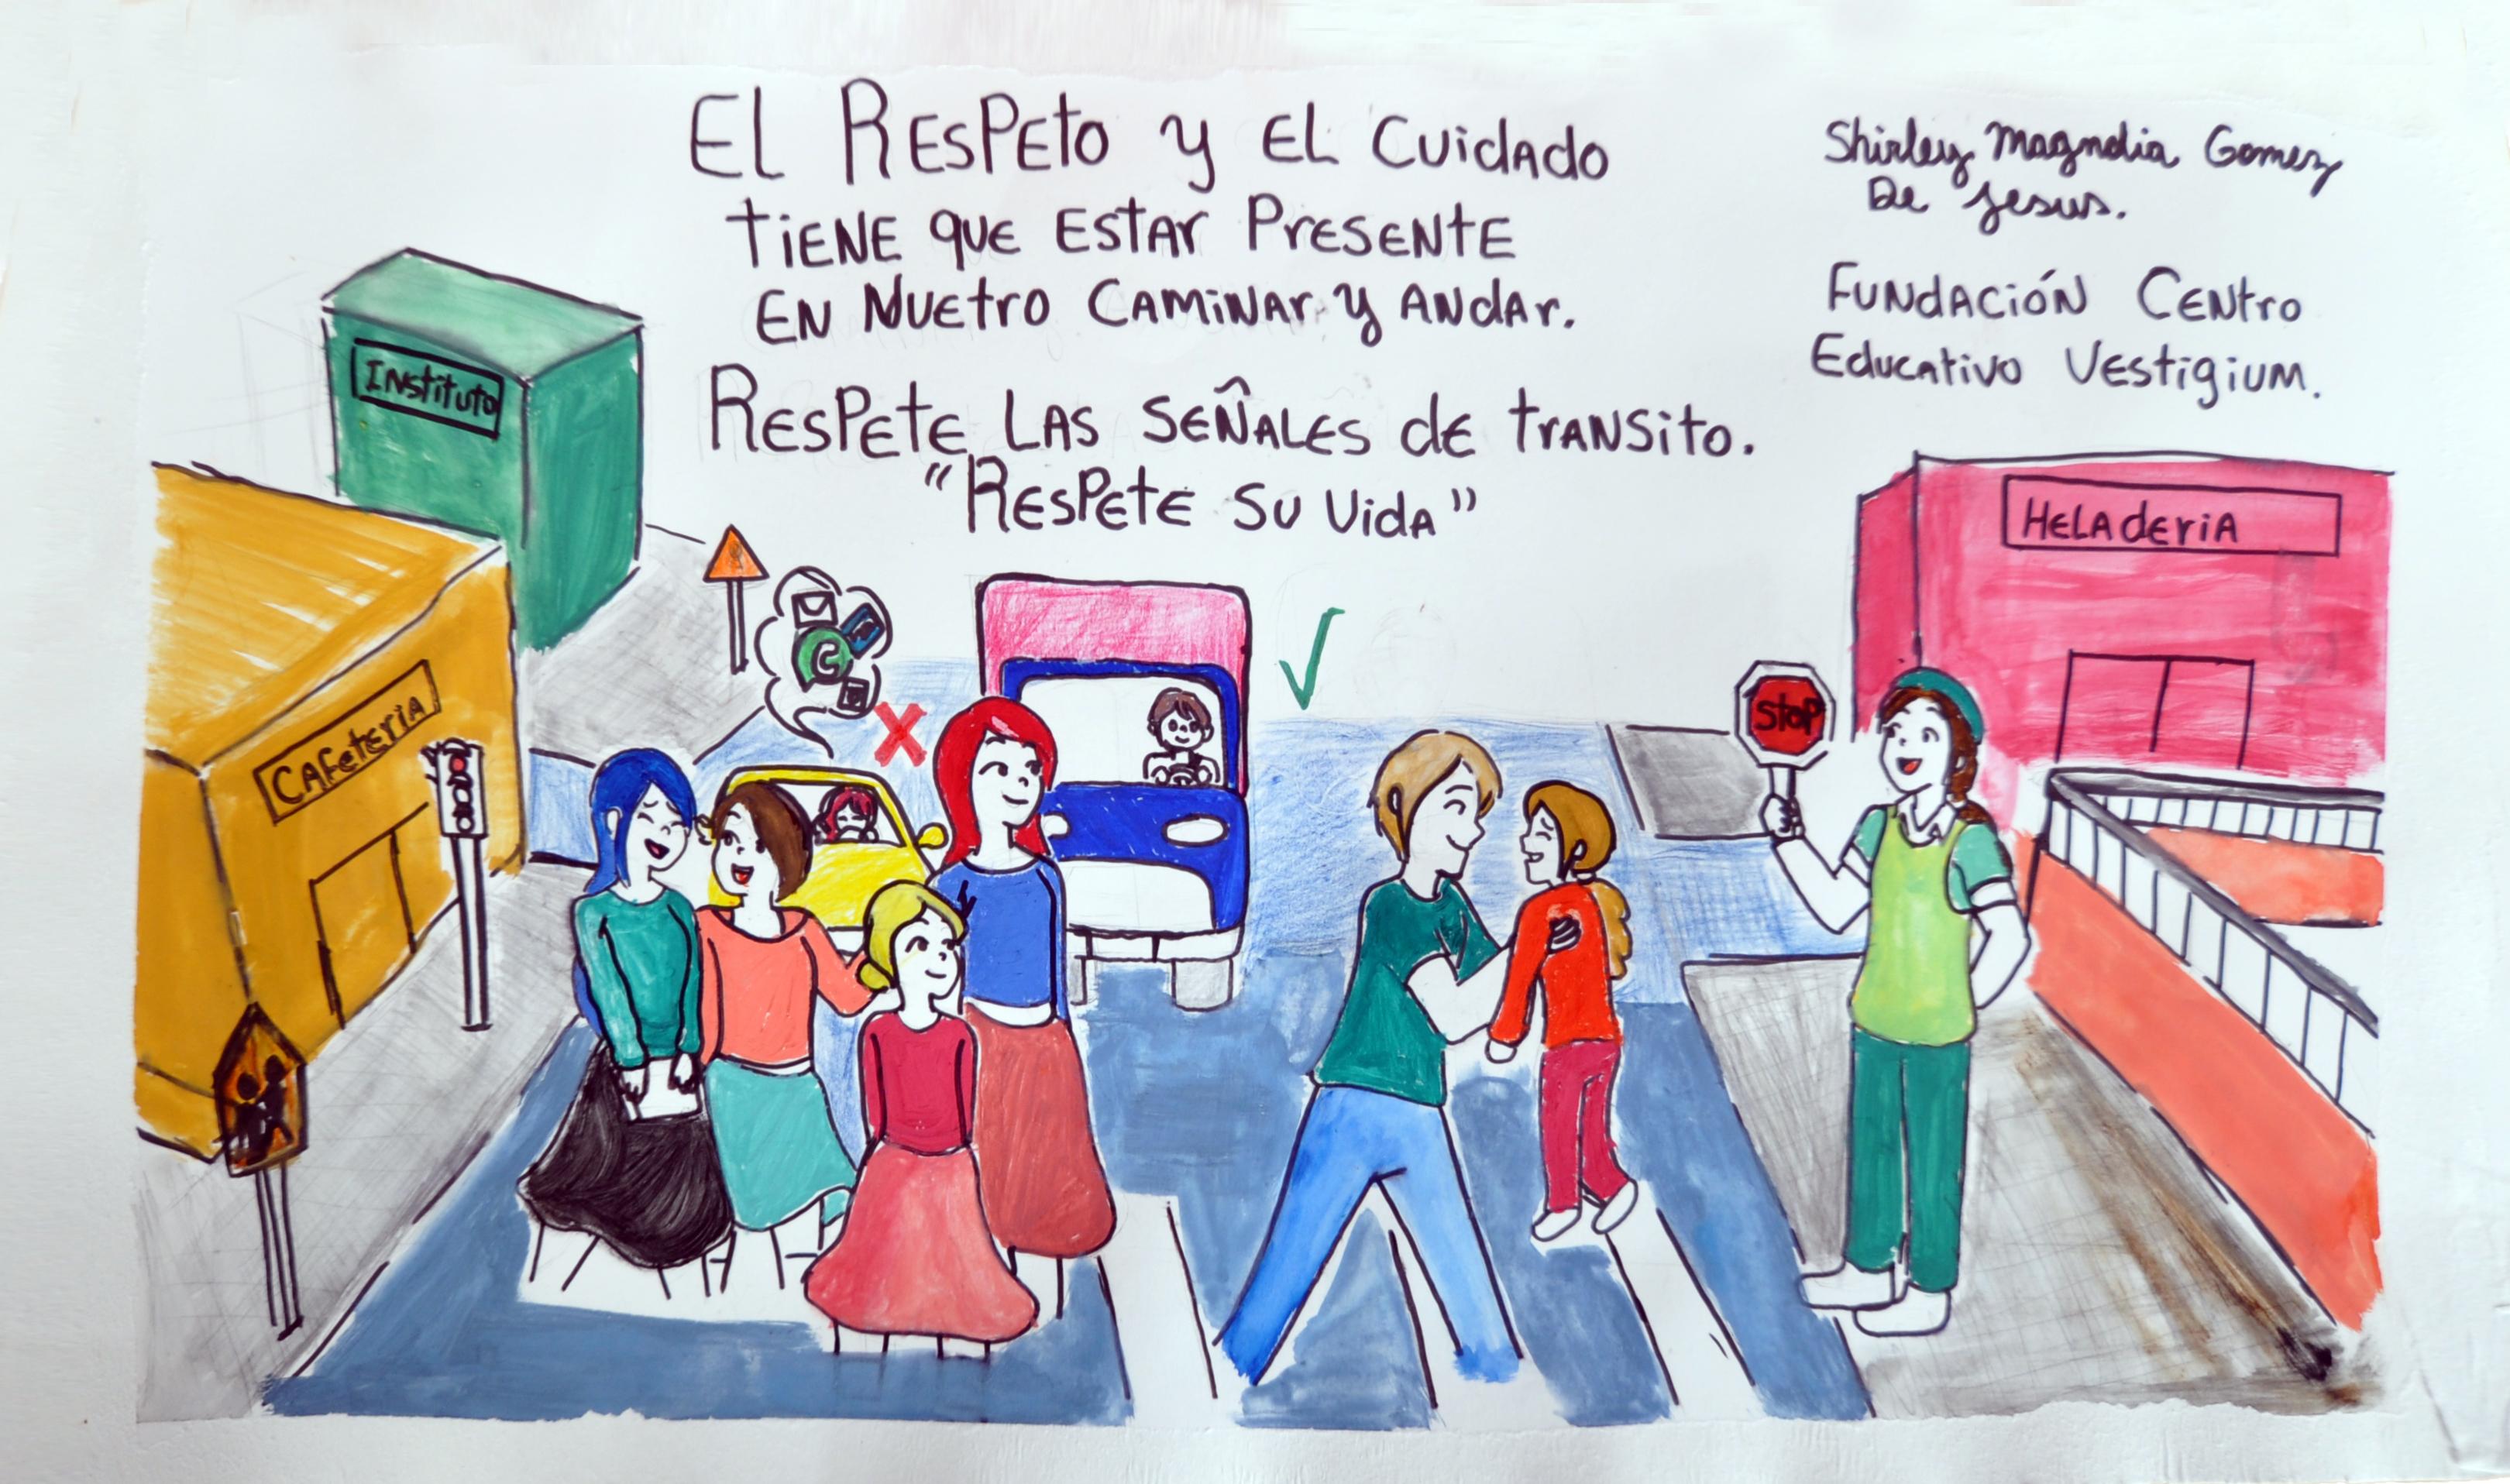 Shirley Magnolia Gomez de Jesús